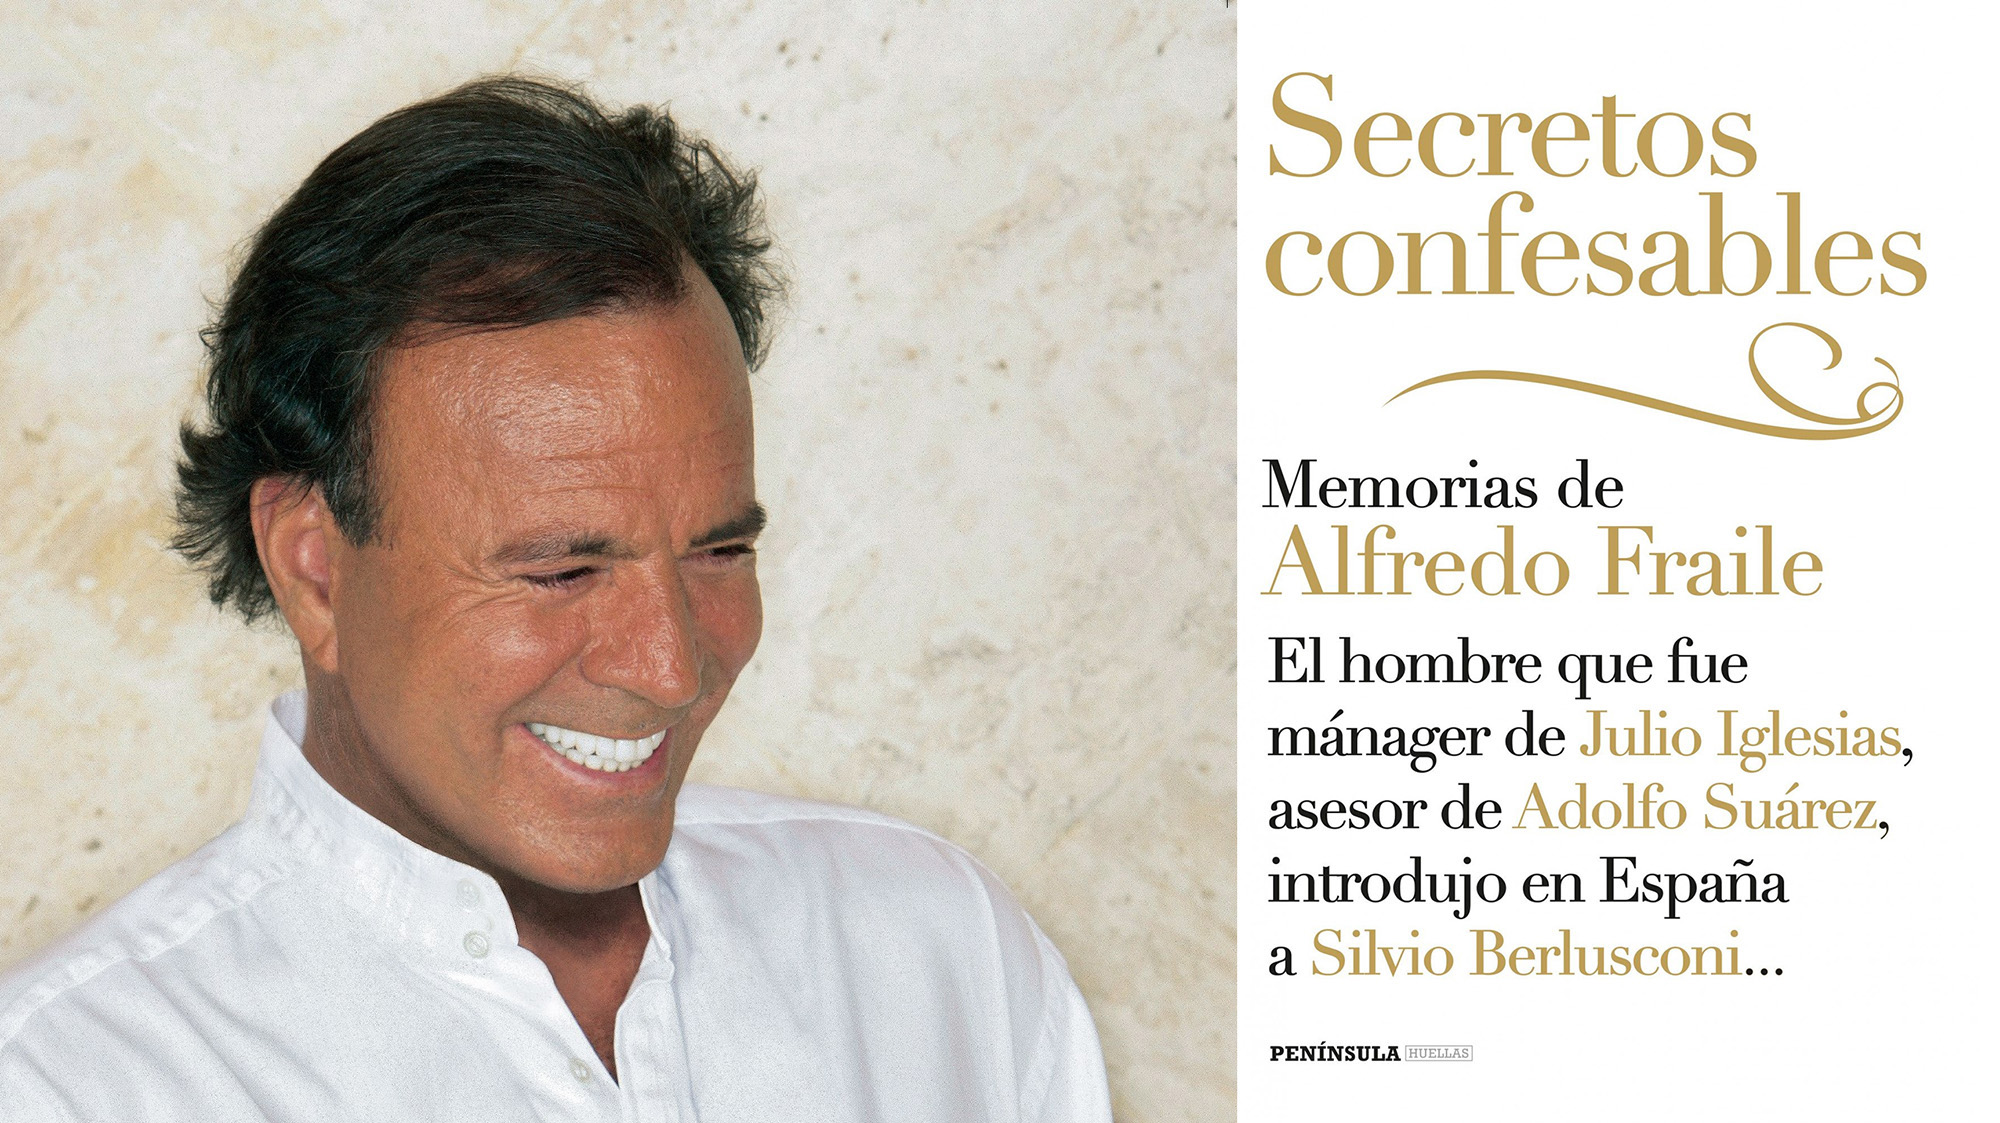 Julio Iglesias y el libro en el que se basaría su bioserie